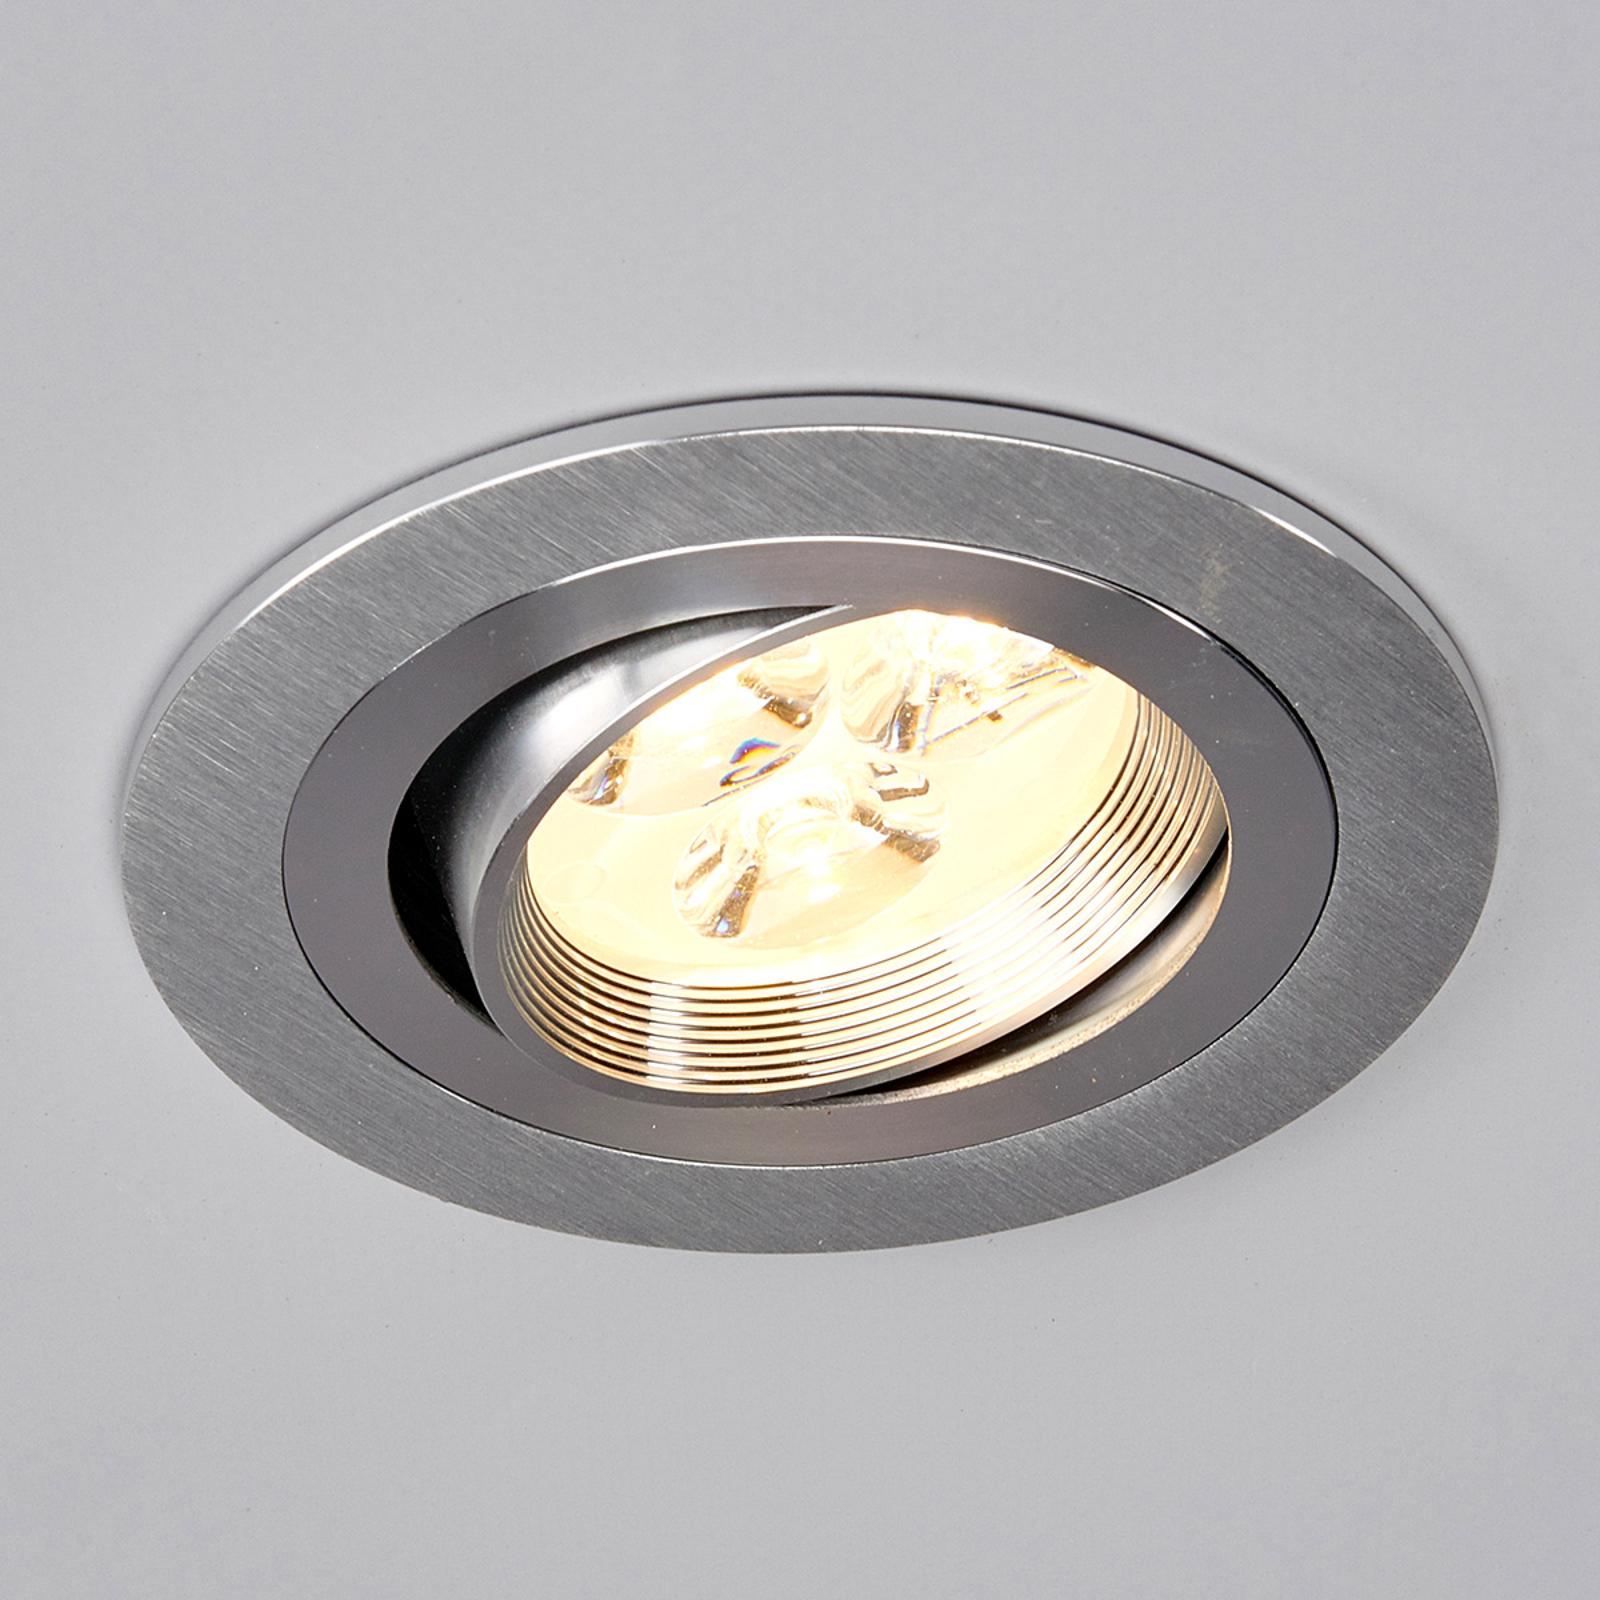 Pyöreä LED-uppovalaisin Tjark alumiinista